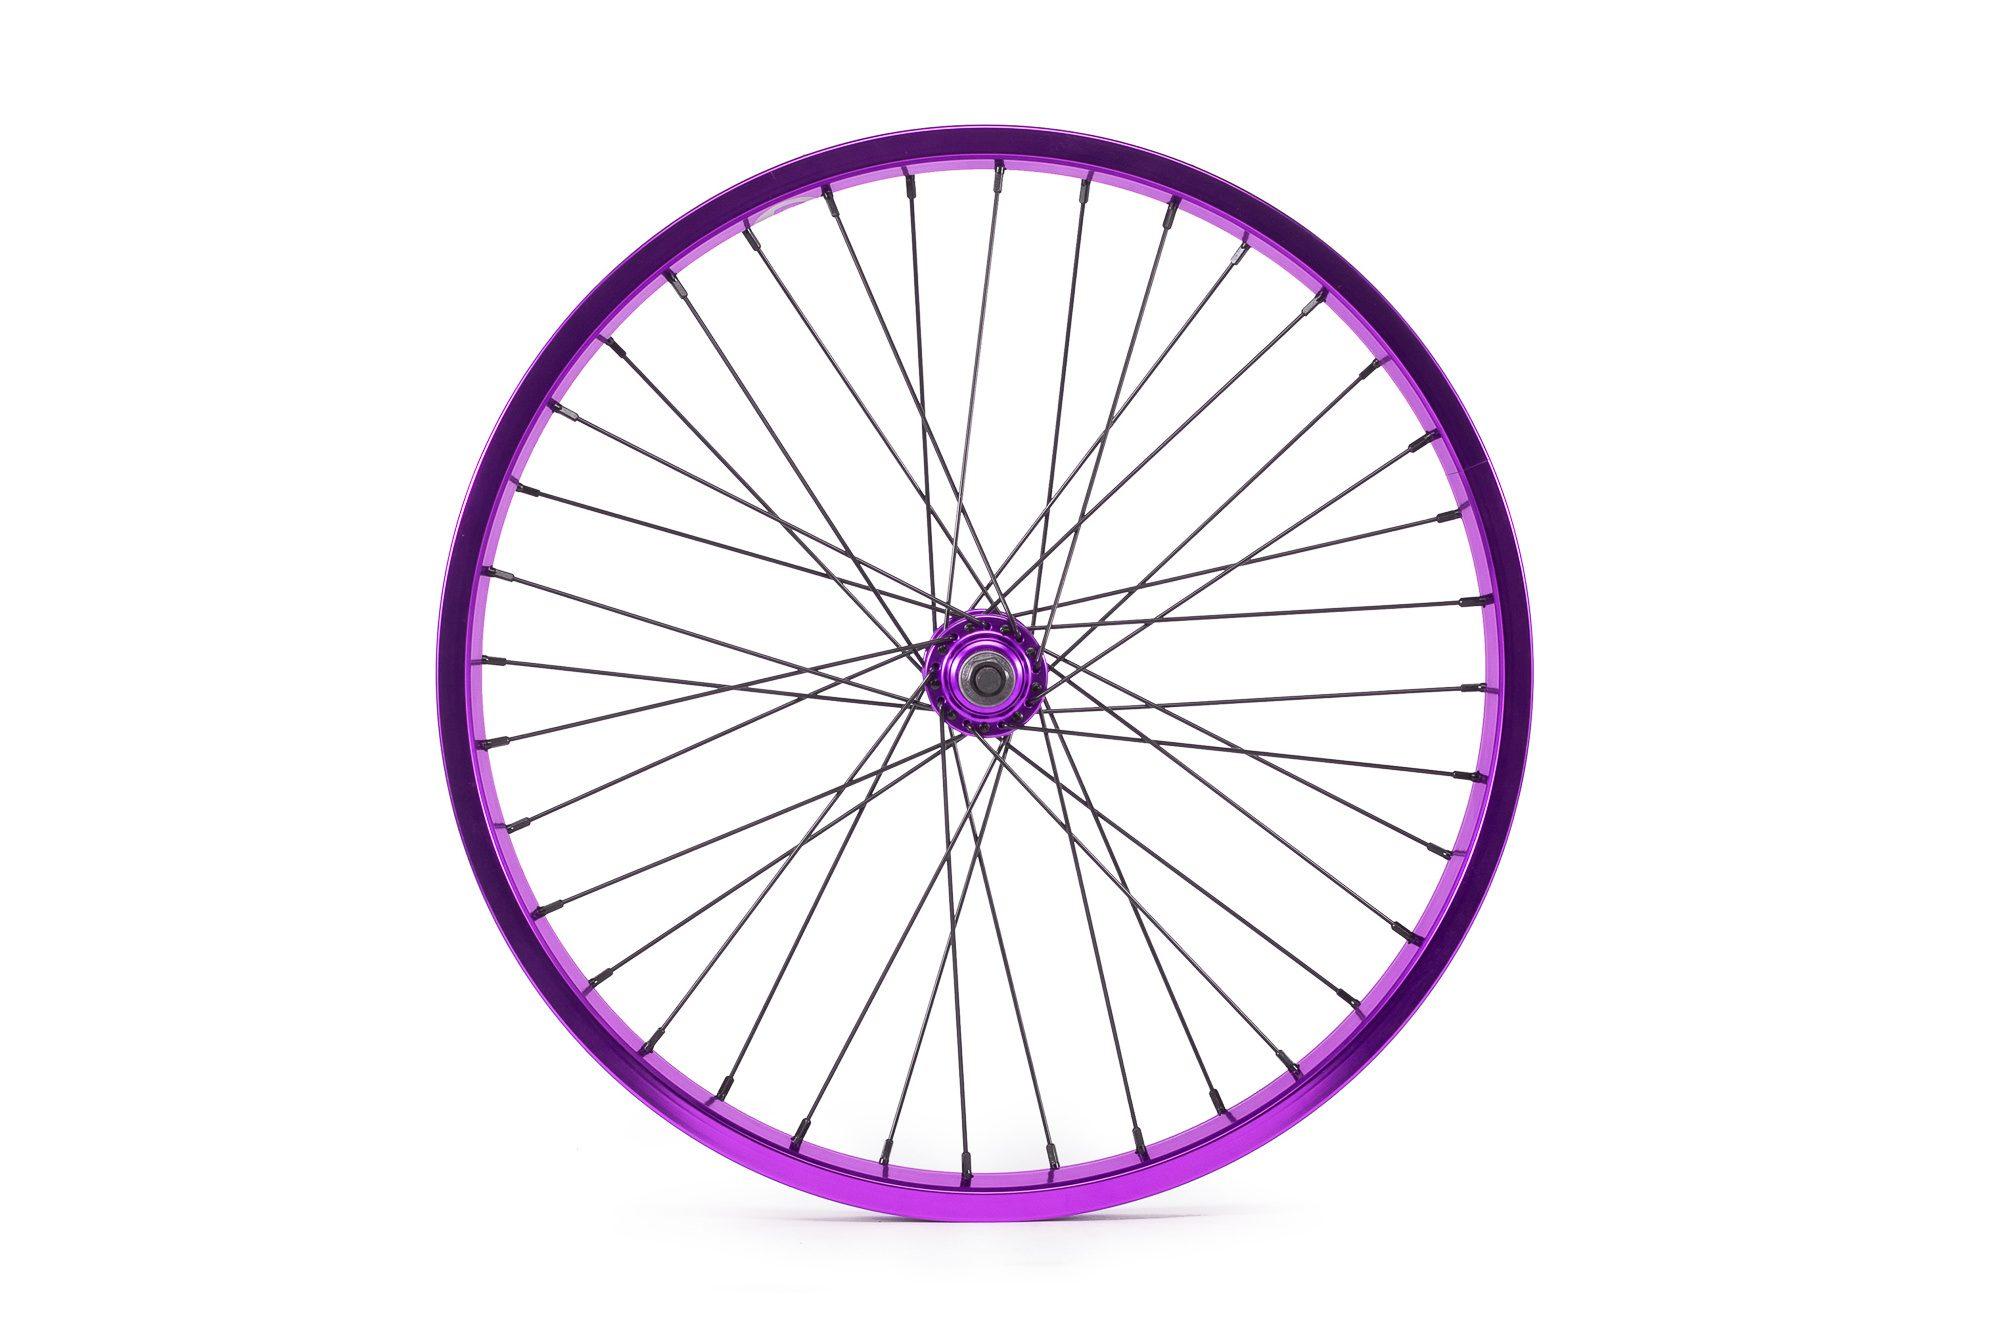 Salt_Everest_flipflop_rear_wheel_purple_01